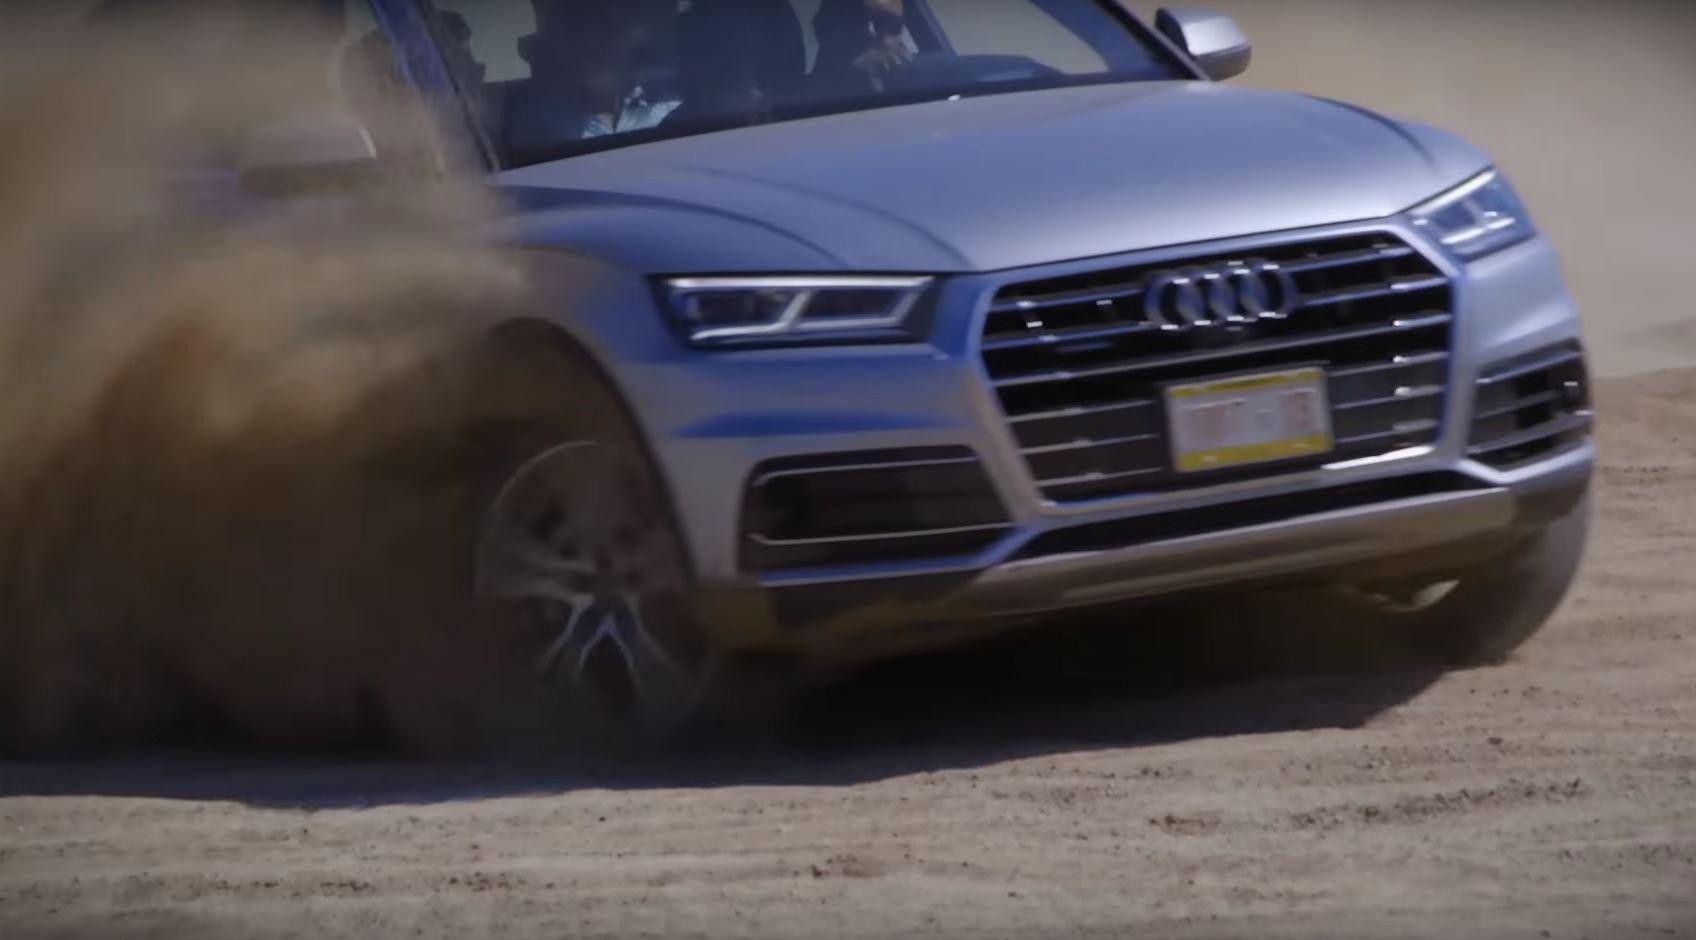 2016 Audi Q7 Etron 30 TDI Quattro  Top Speed